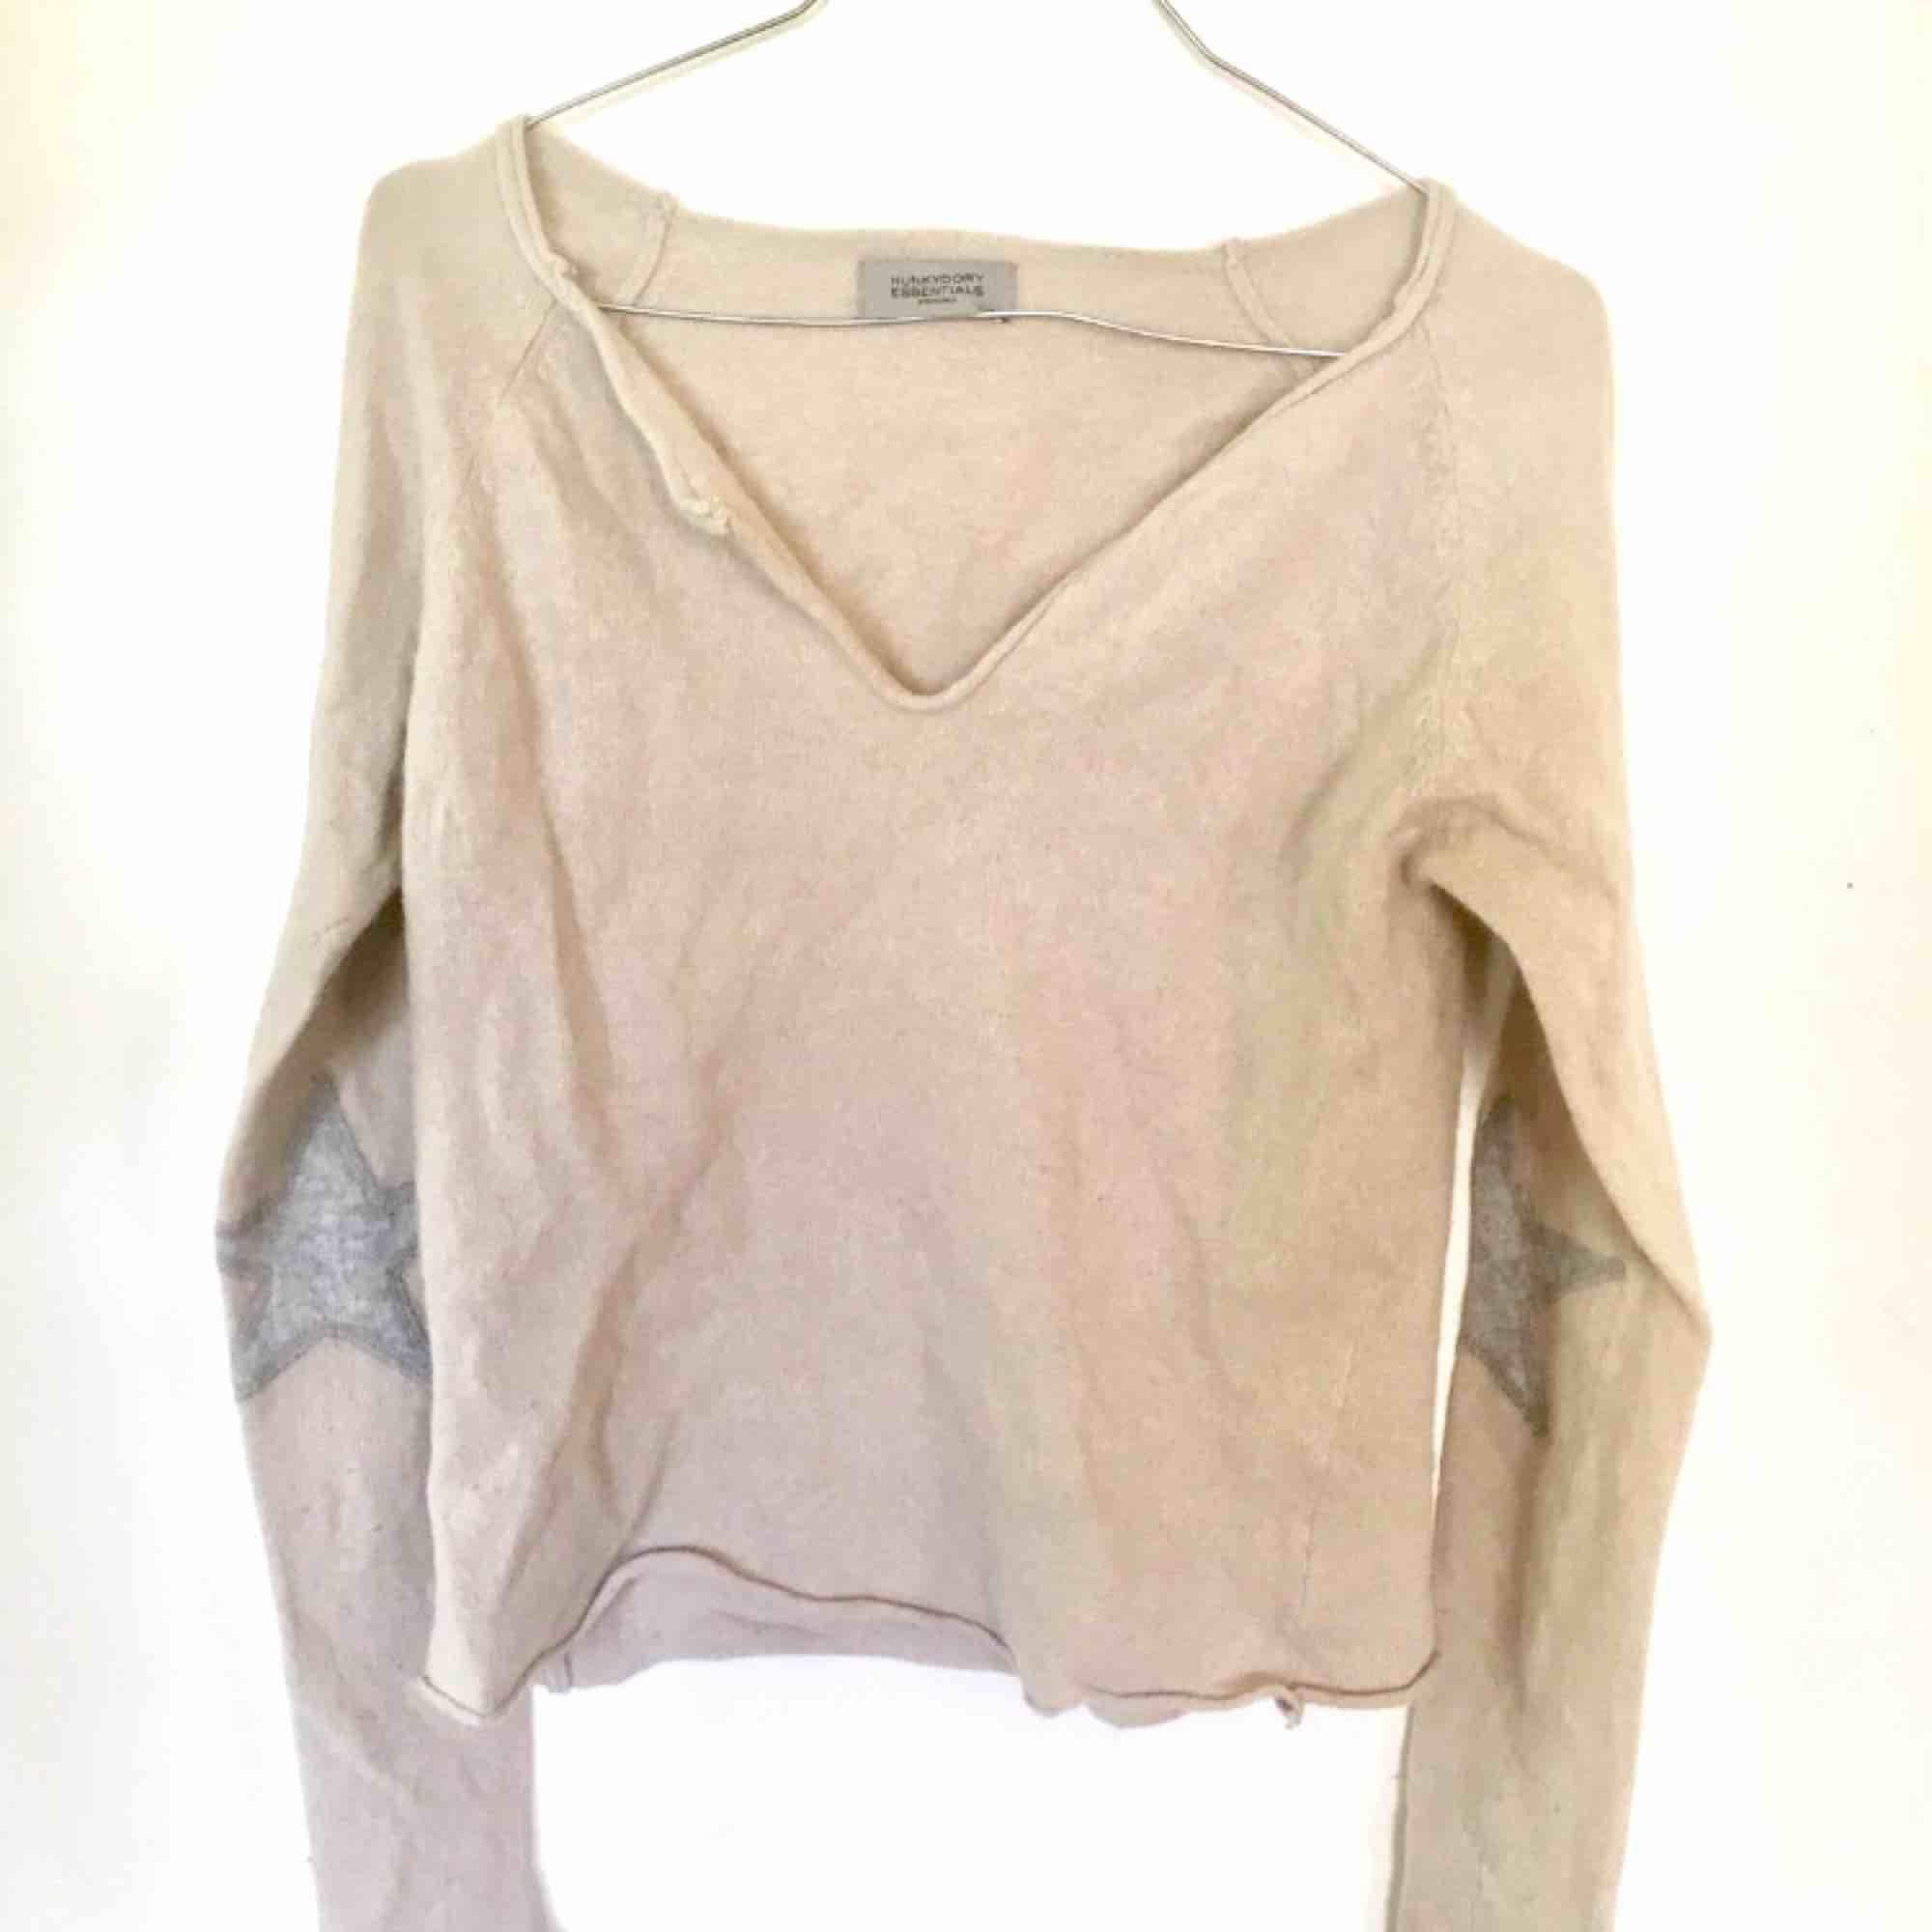 Superfin stickad tröja från hunkydory🐝 Frakt 25. Tröjor & Koftor.